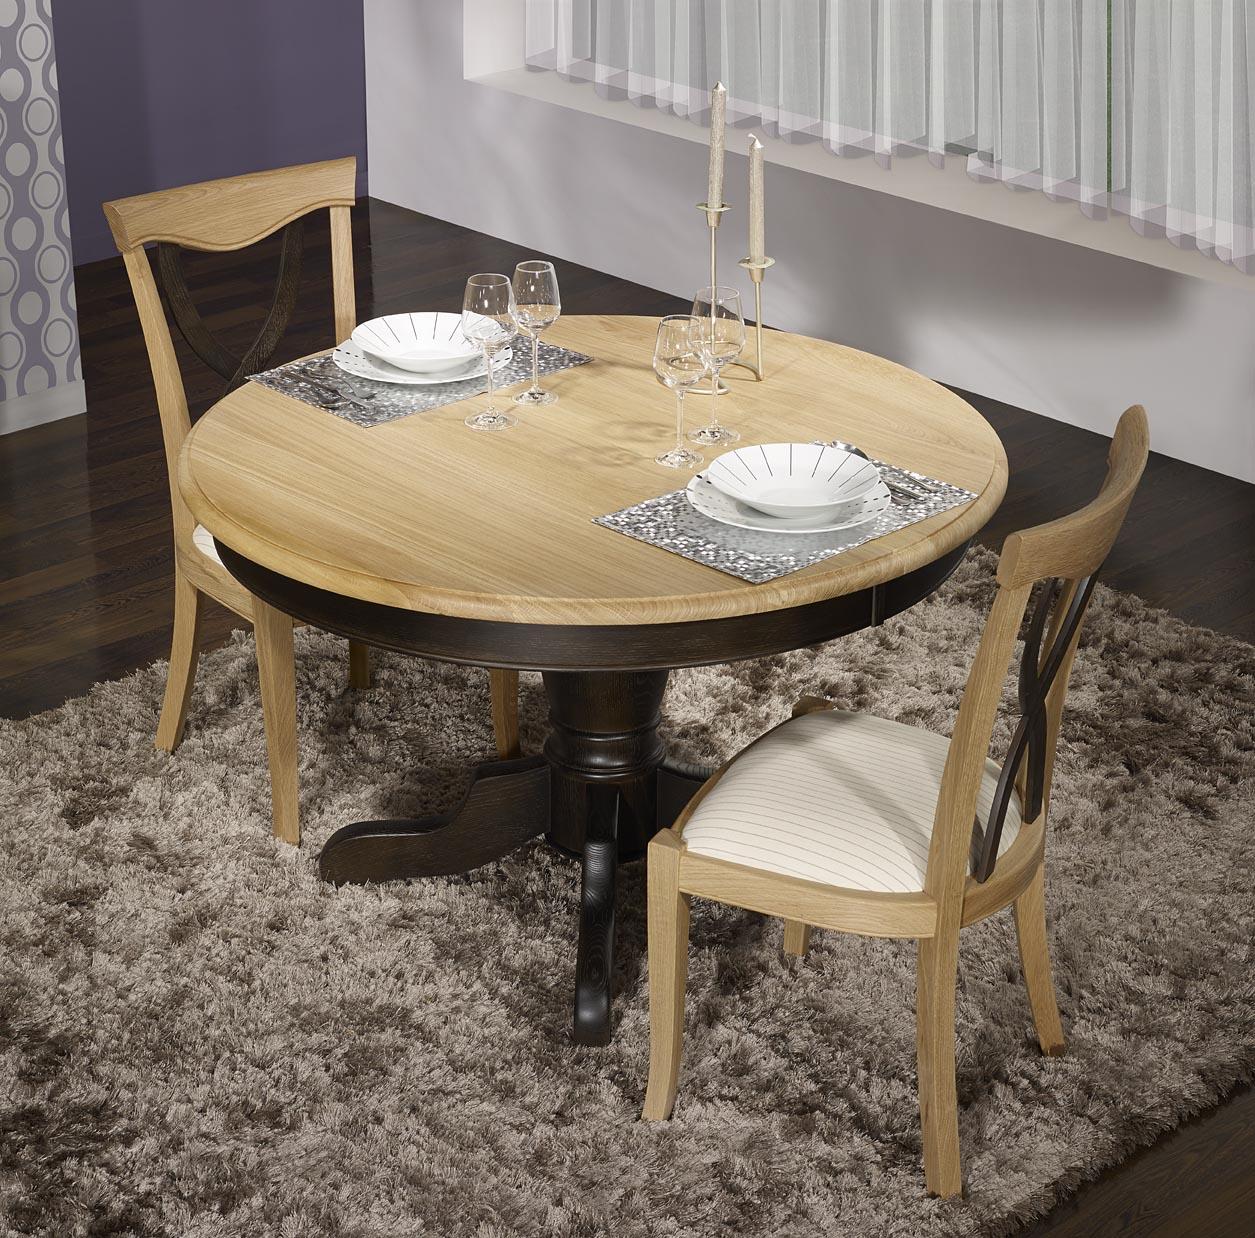 Table ronde pied central   en Chêne Massif de style Louis Philippe DIAMETRE 120 - 2 allonges de 40 cm Finition Chêne Brossé Naturel et Noir délavé